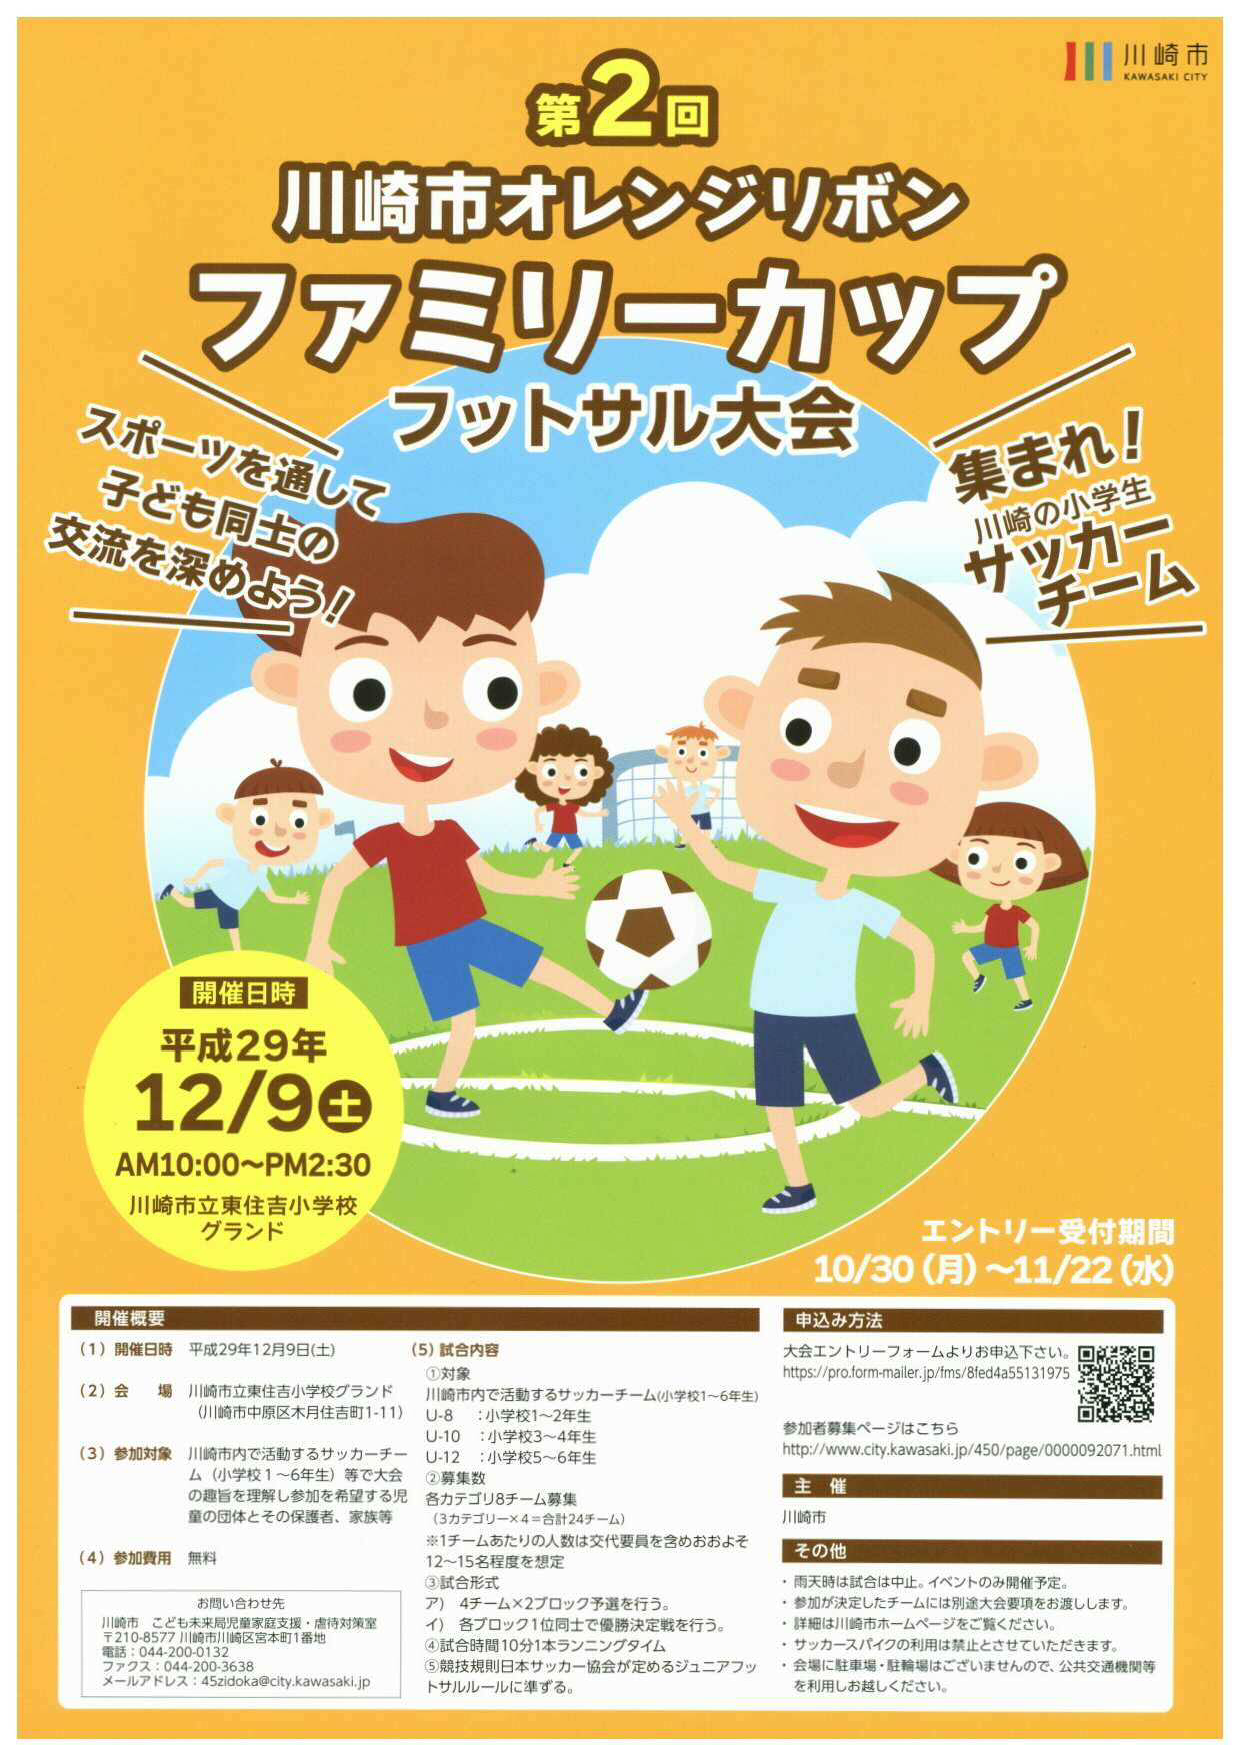 第2回川崎市オレンジリボン・ファミリーカップ